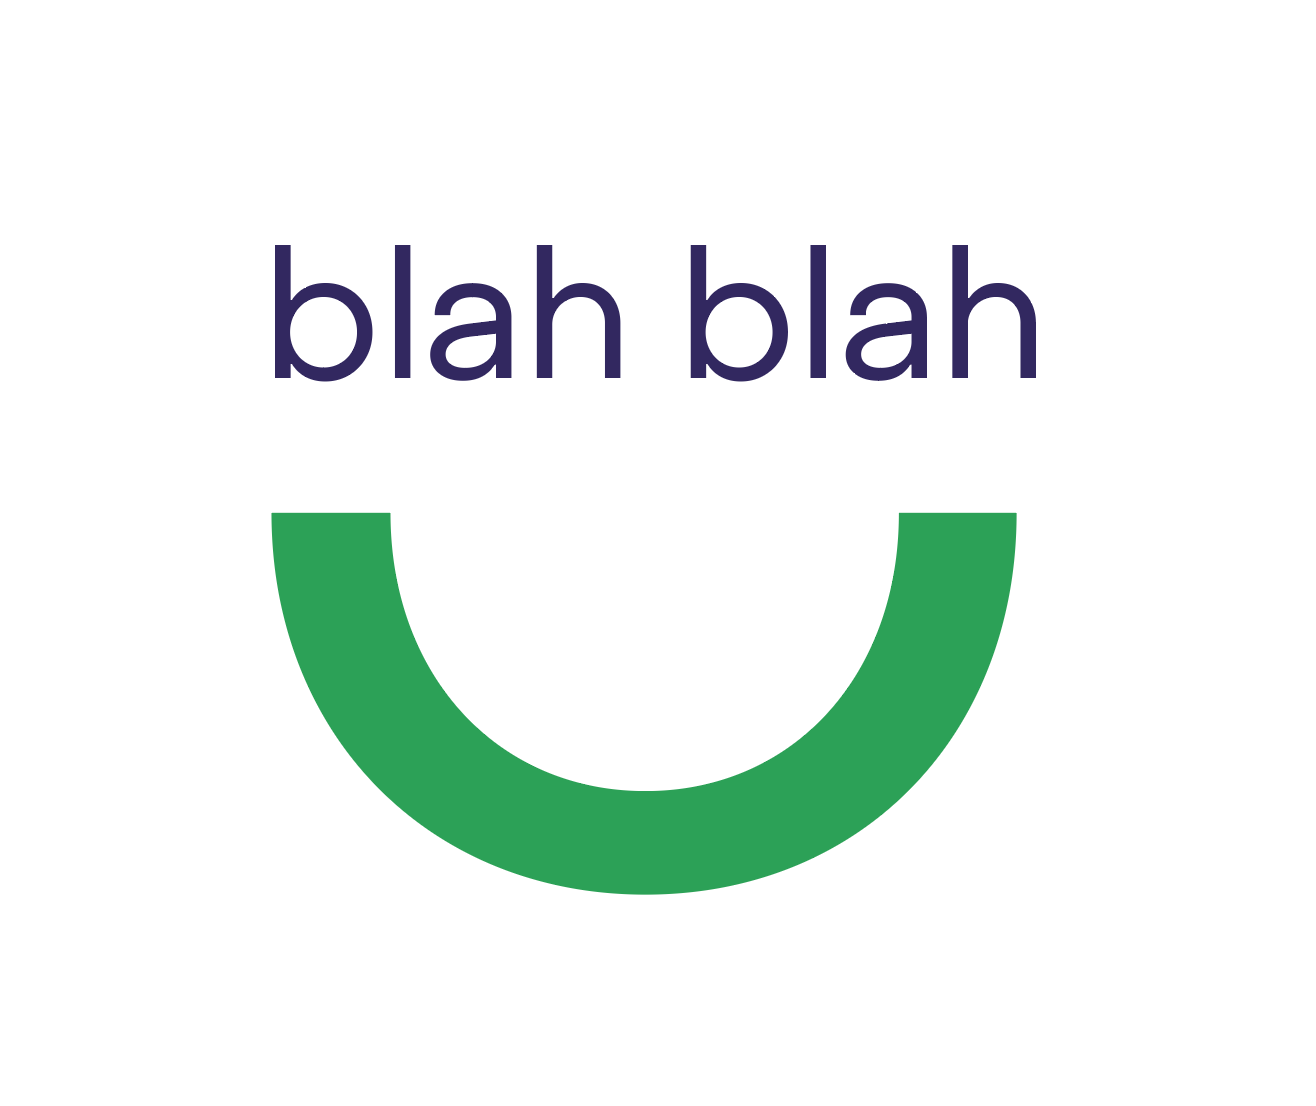 Blah blah with the Heyday logo